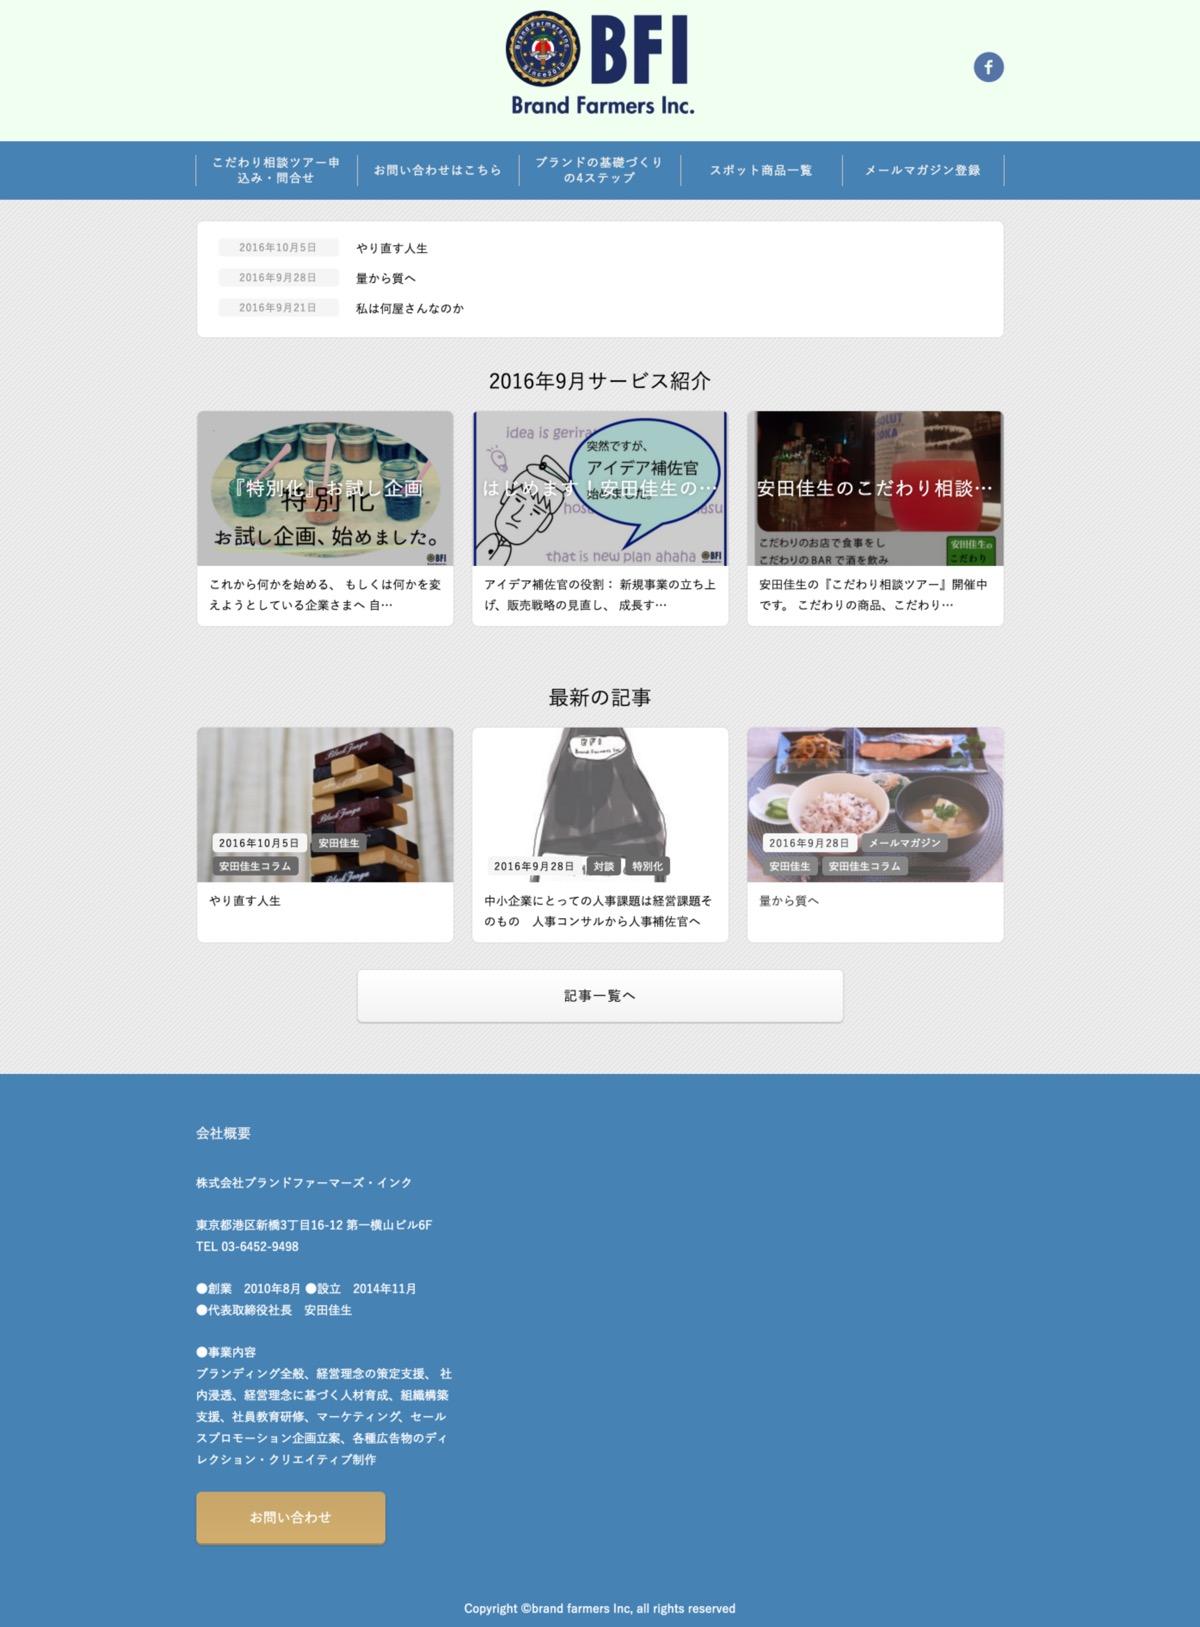 th_screenshot-brand-farmers-jp-2016-10-07-17-07-37